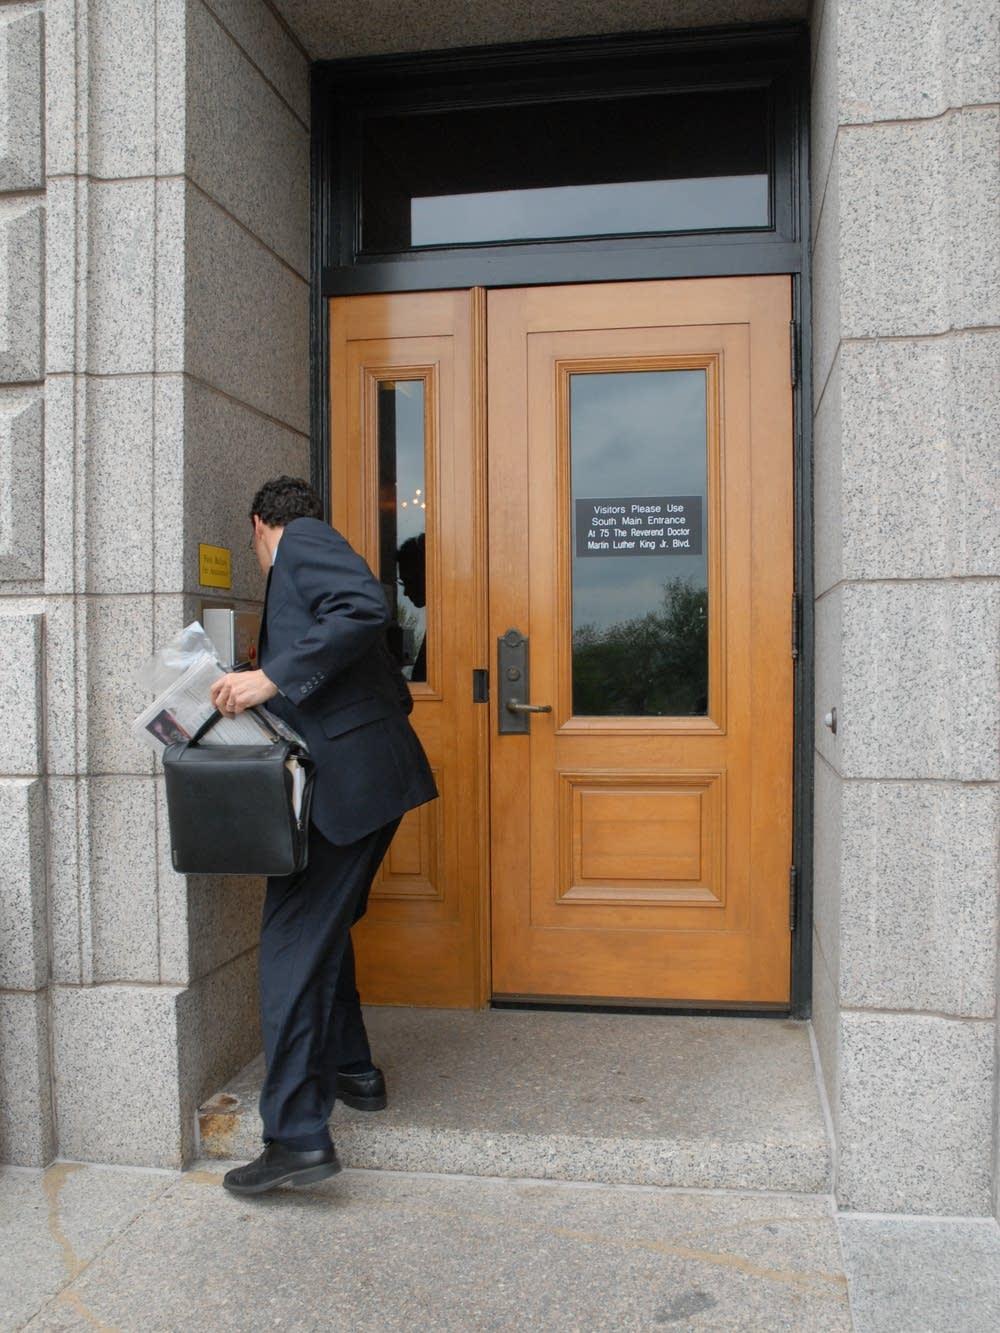 Capitol security door